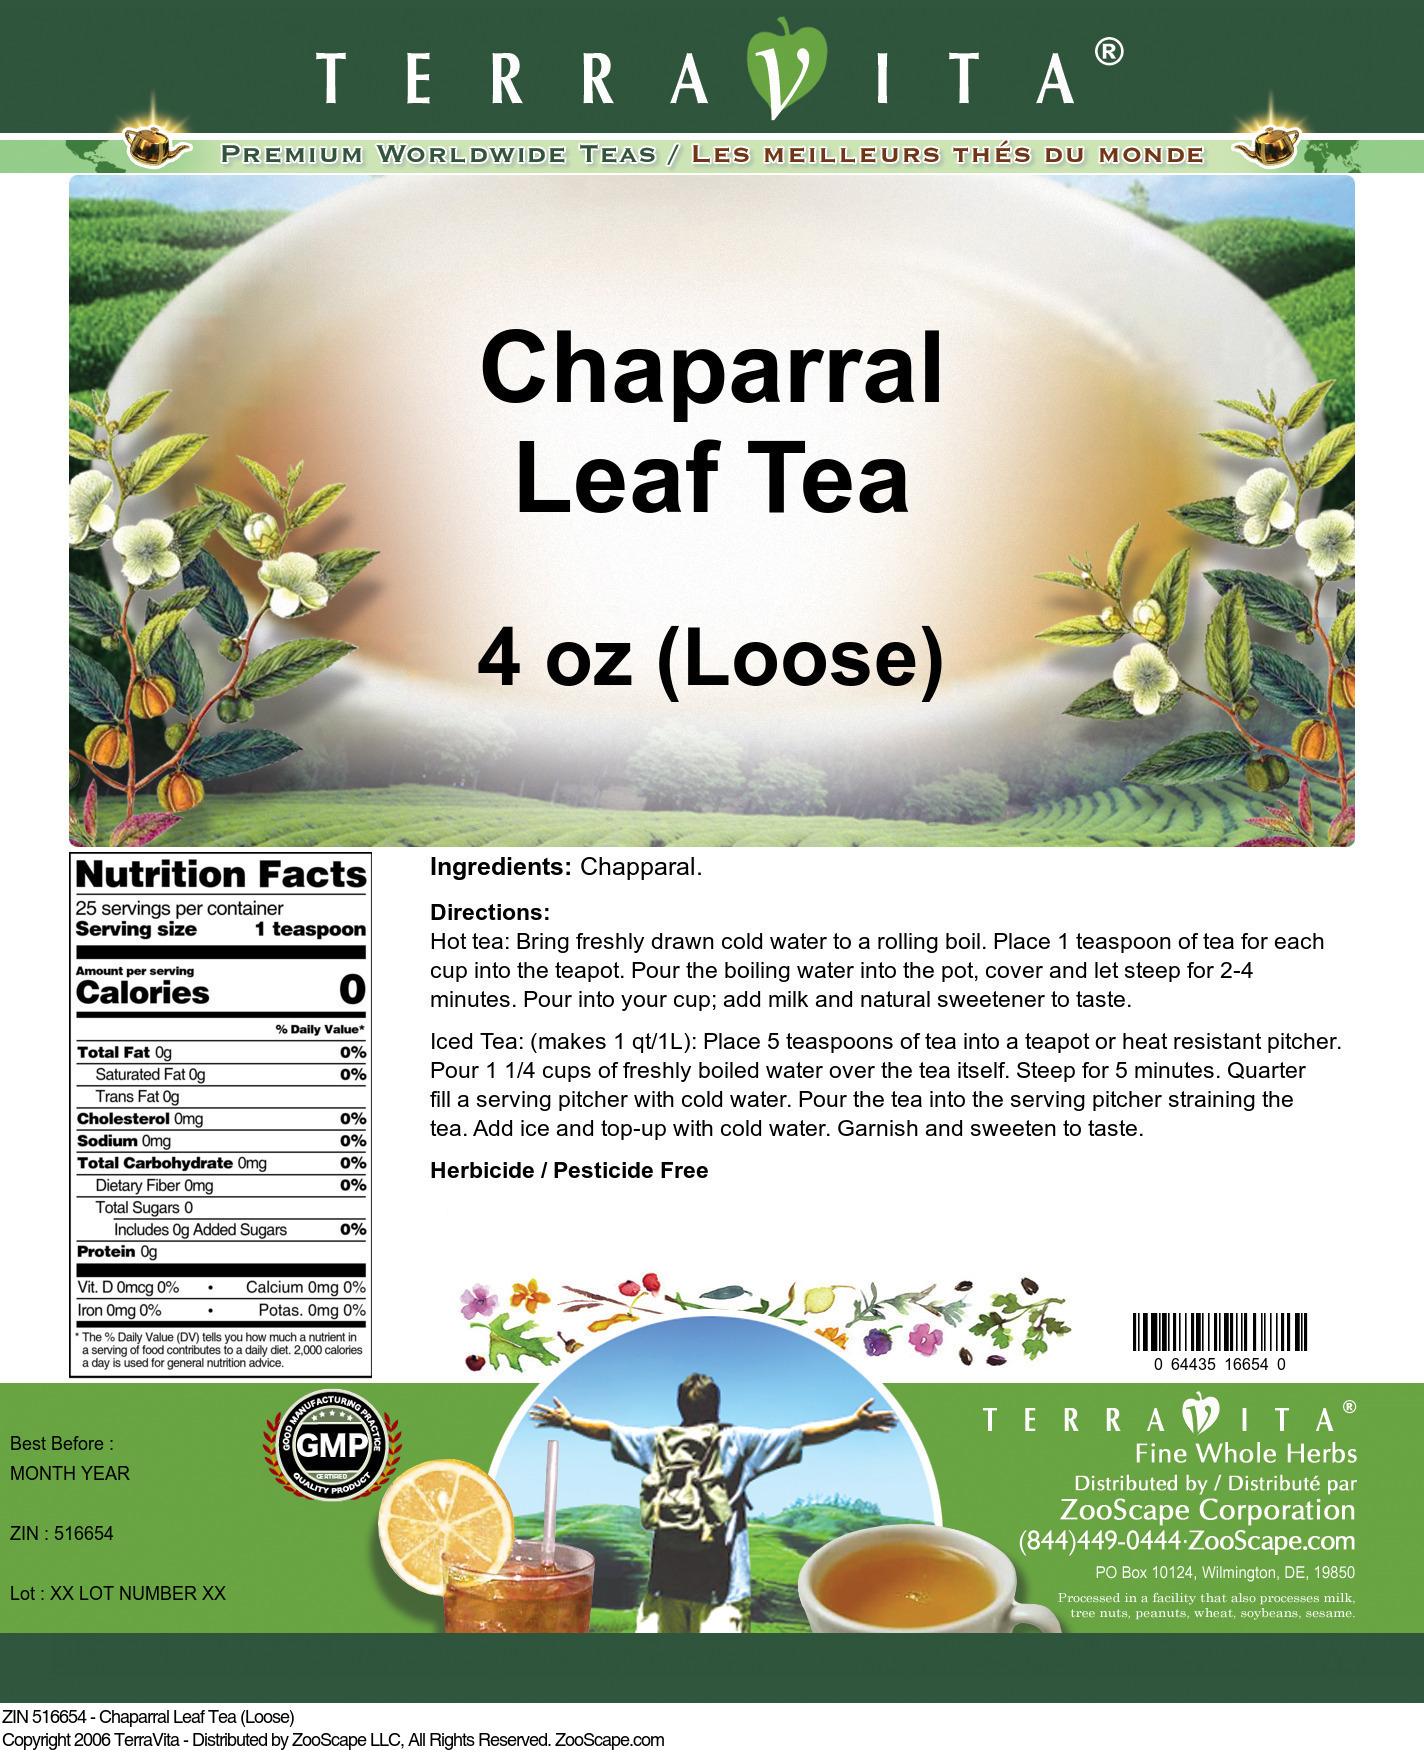 Chaparral Leaf Tea (Loose)